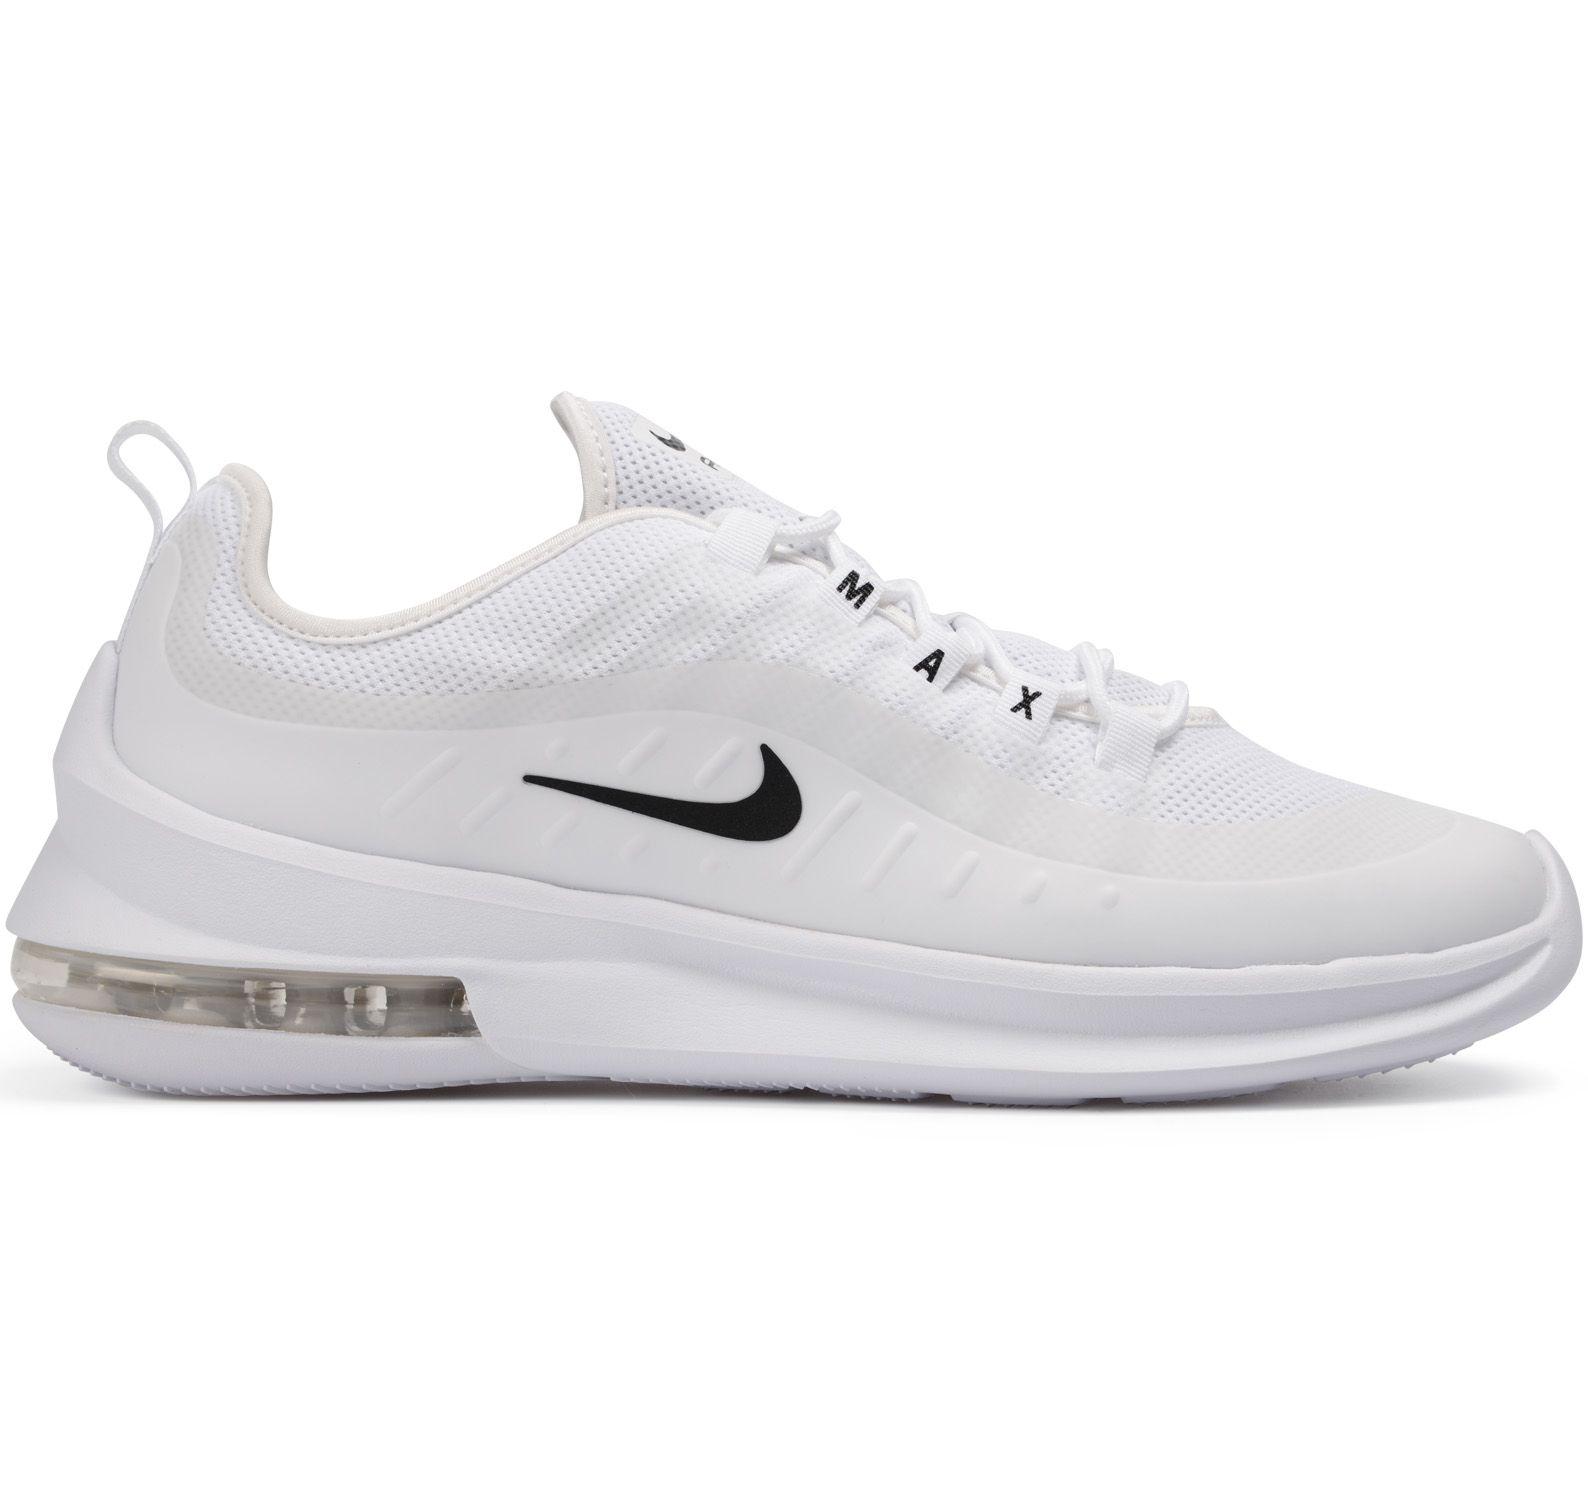 buy popular ed47b b7b4e nike air max axis men s shoe, white black, 46